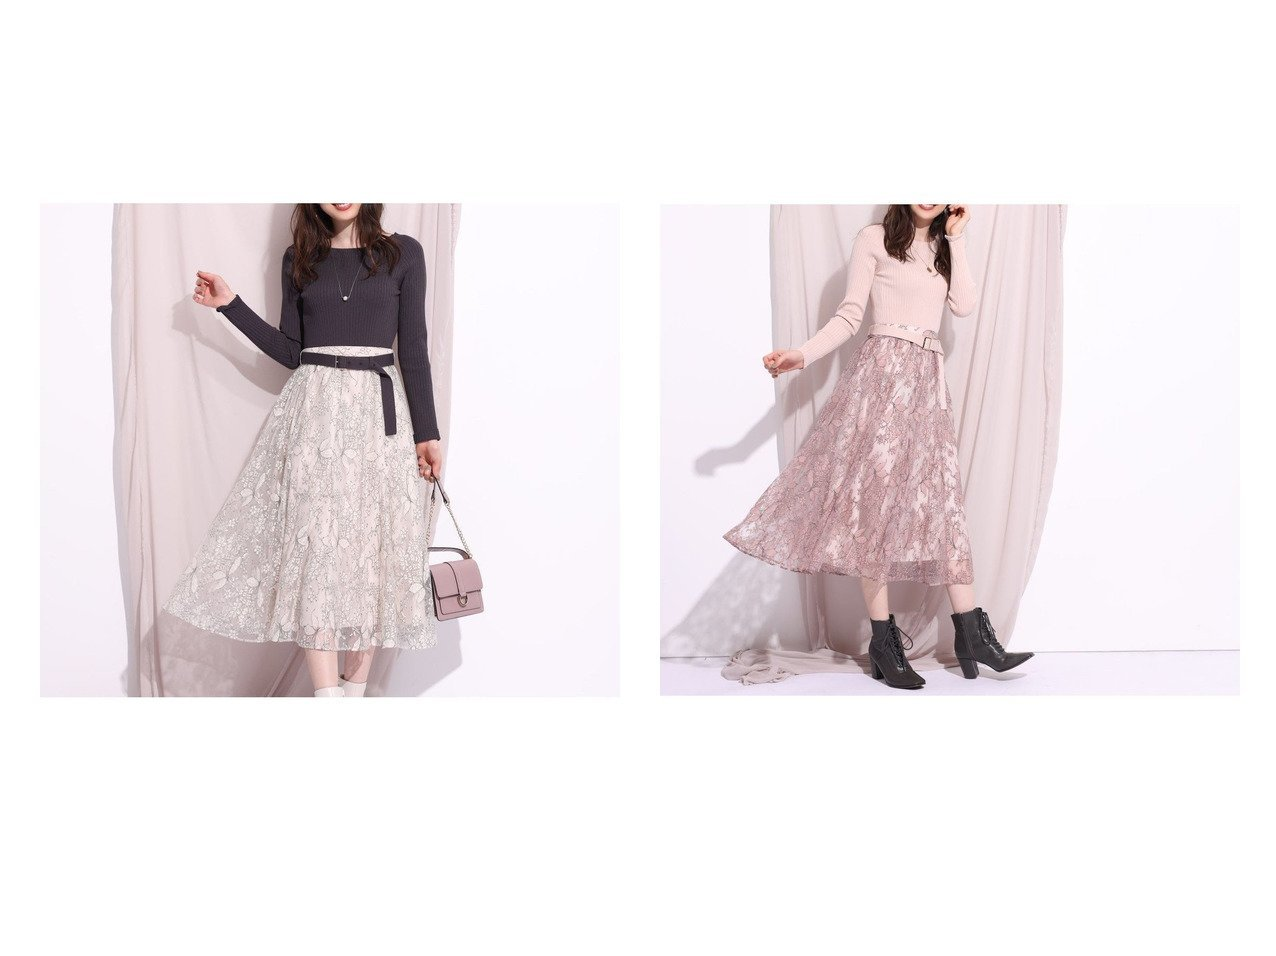 【Rirandture/リランドチュール】のNEWコードチュールレースドッキングワンピース ワンピース・ドレスのおすすめ!人気、レディースファッションの通販 おすすめで人気のファッション通販商品 インテリア・家具・キッズファッション・メンズファッション・レディースファッション・服の通販 founy(ファニー) https://founy.com/ ファッション Fashion レディース WOMEN ワンピース Dress ドッキング フィット フレア |ID:crp329100000002941